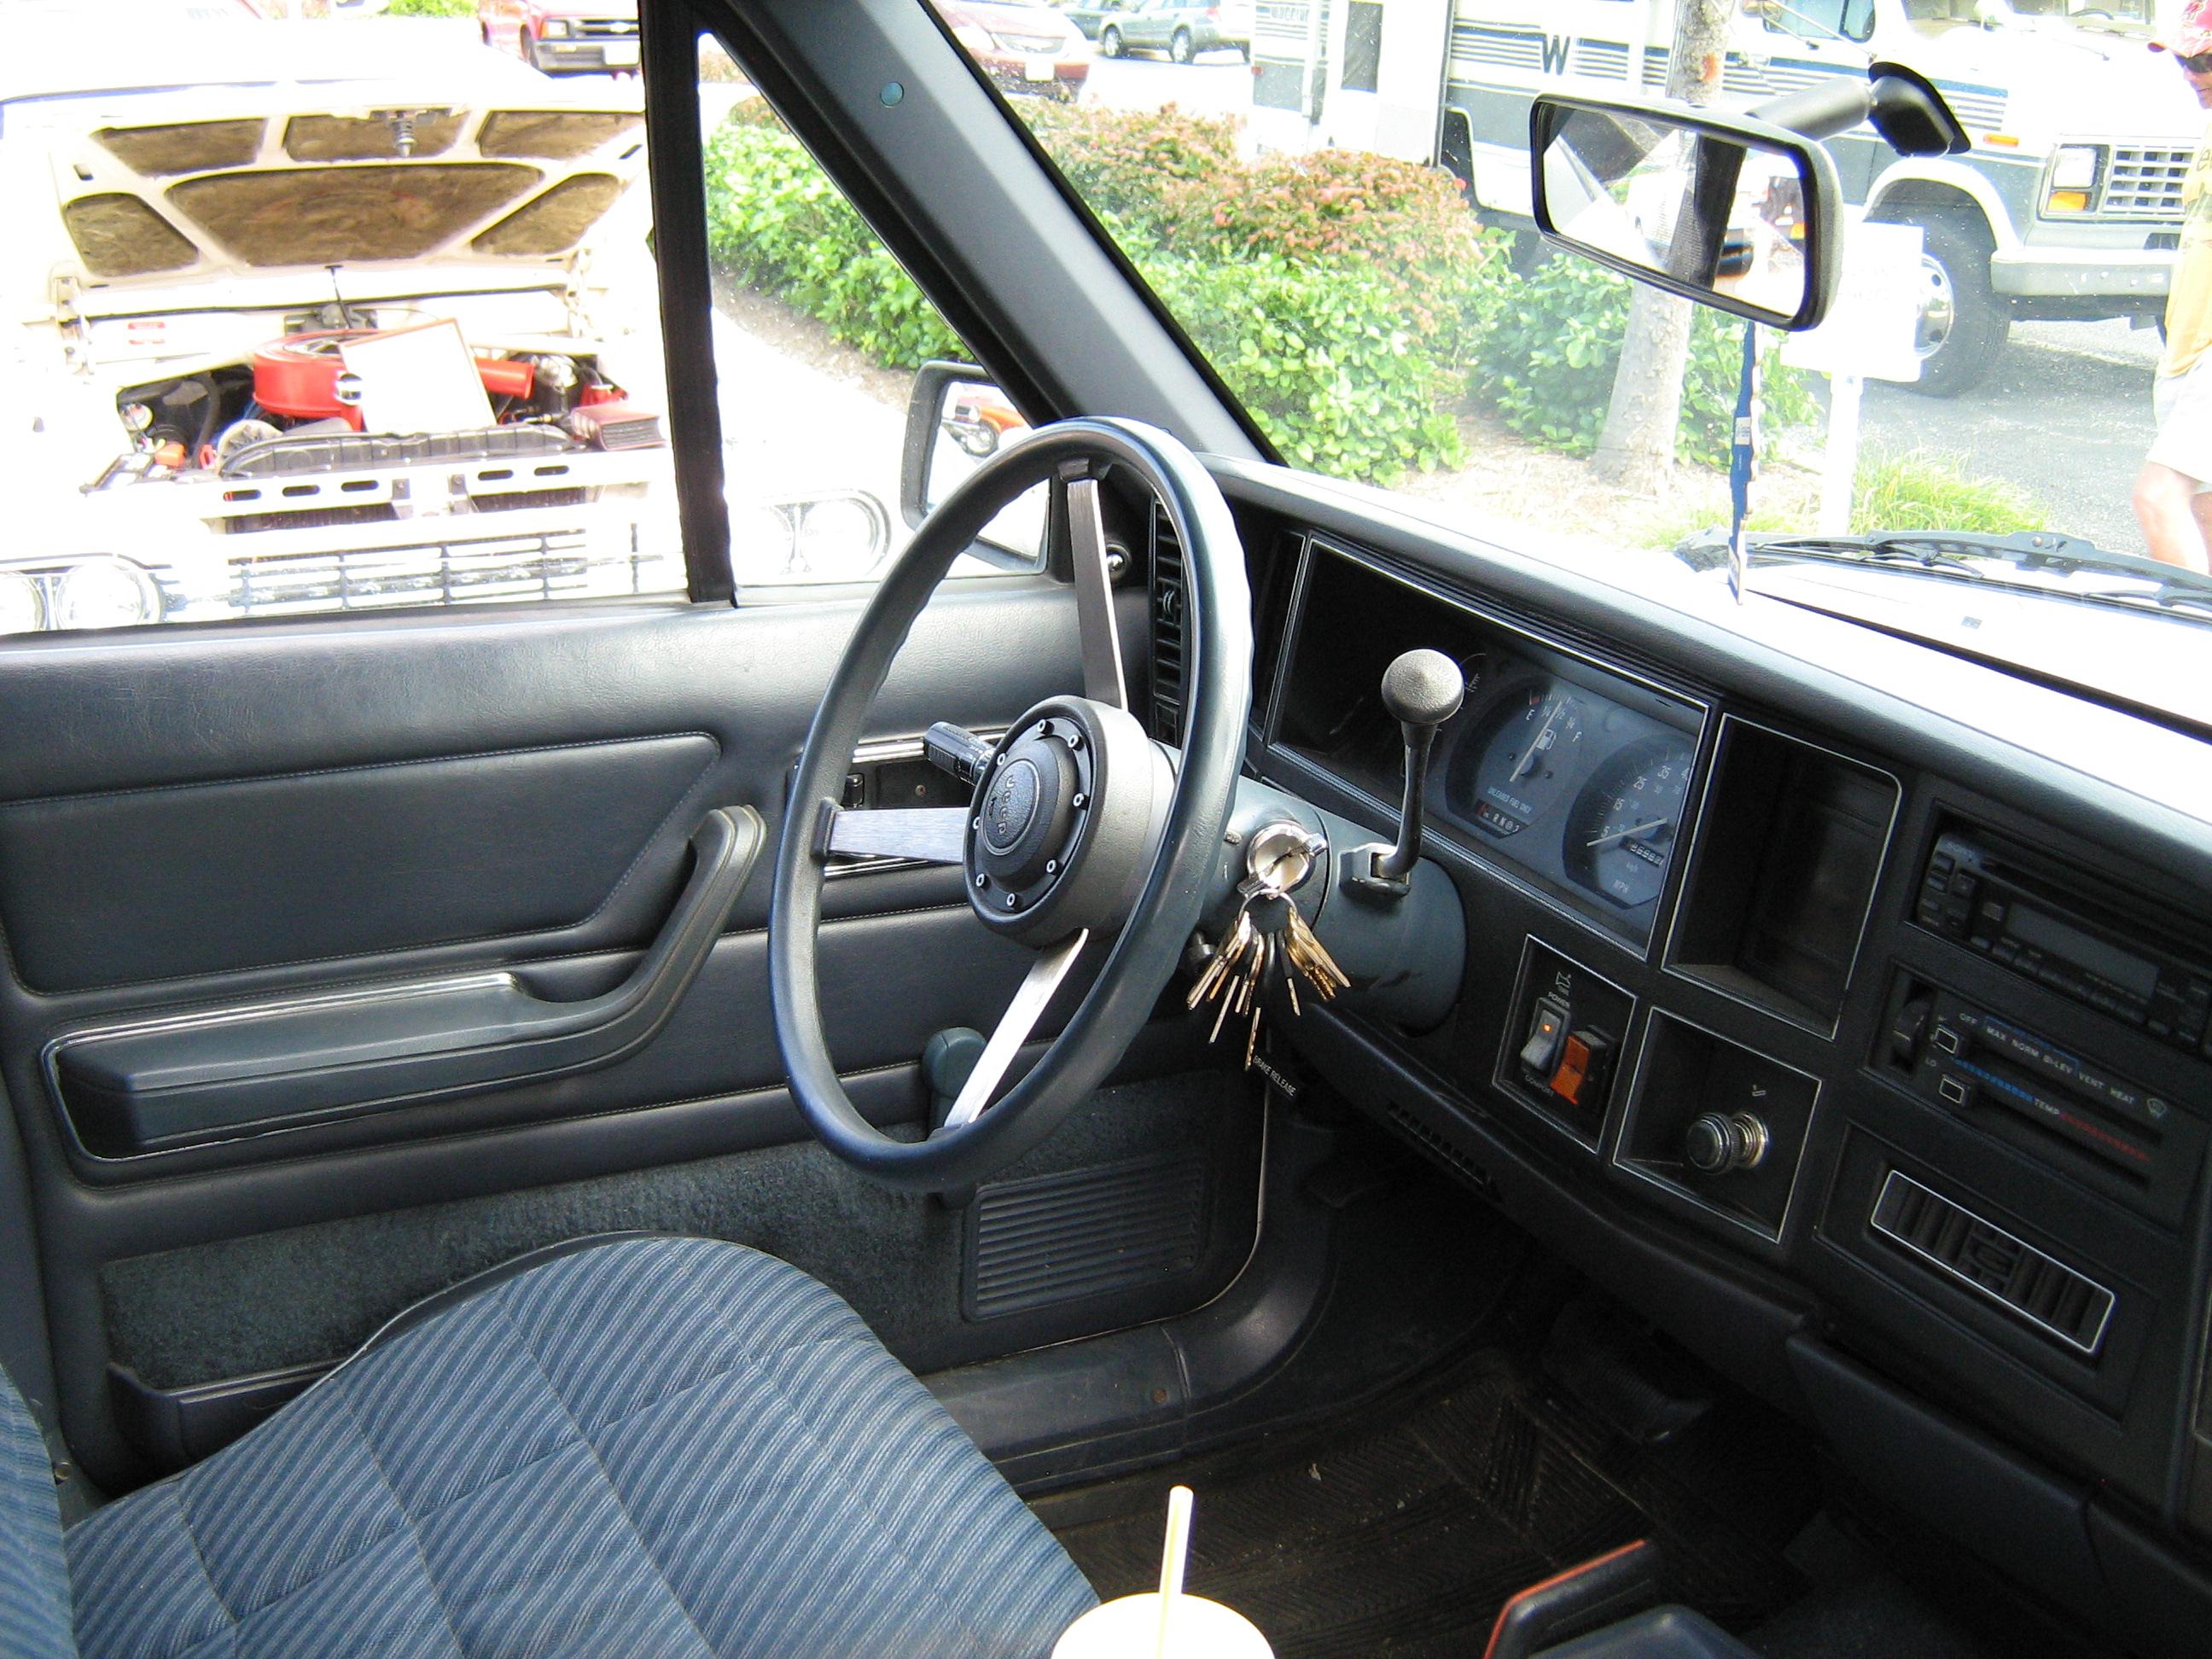 File:jeep Comanche Pioneer